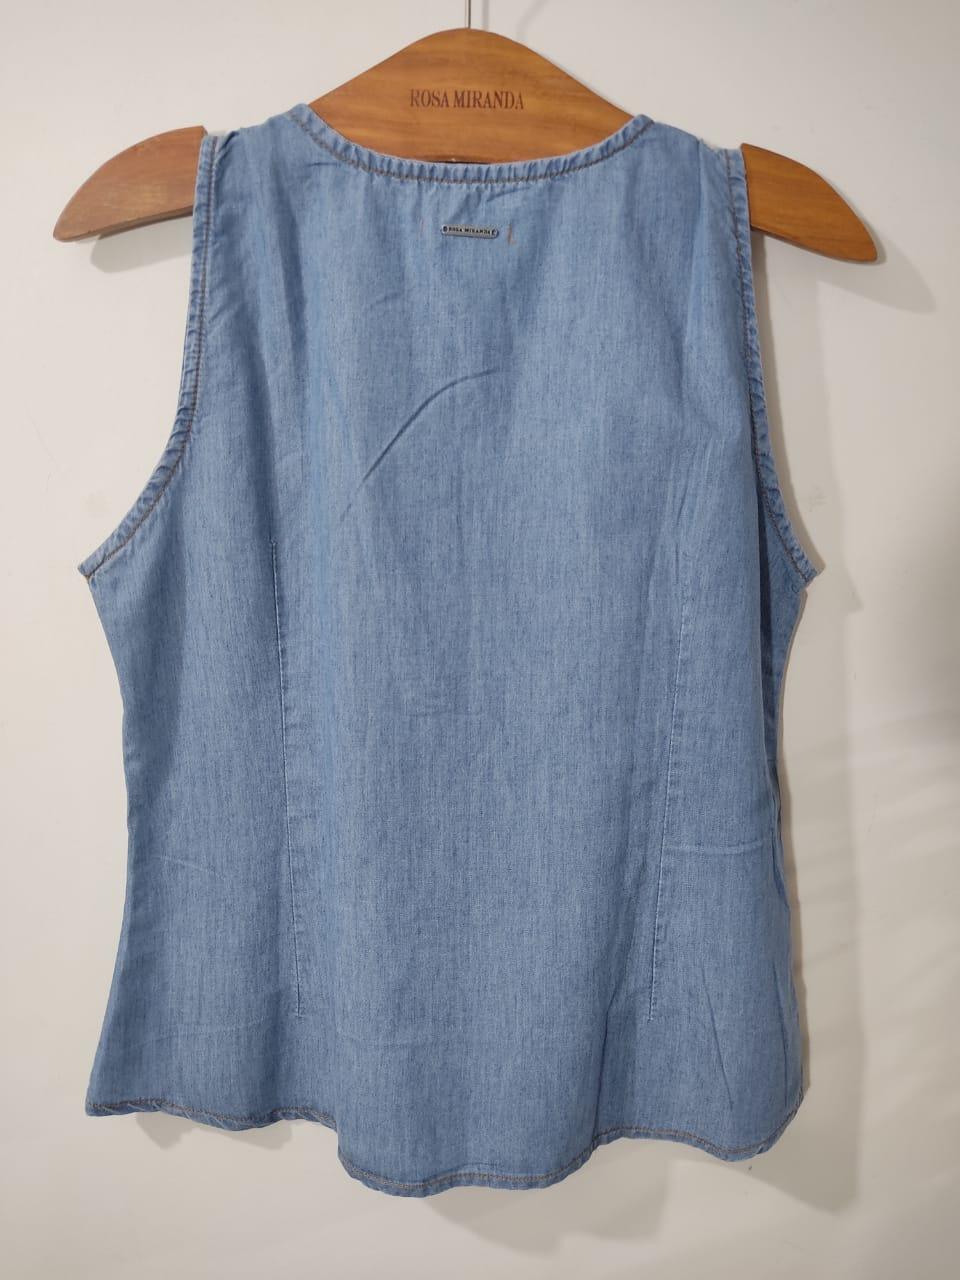 Regata jeans